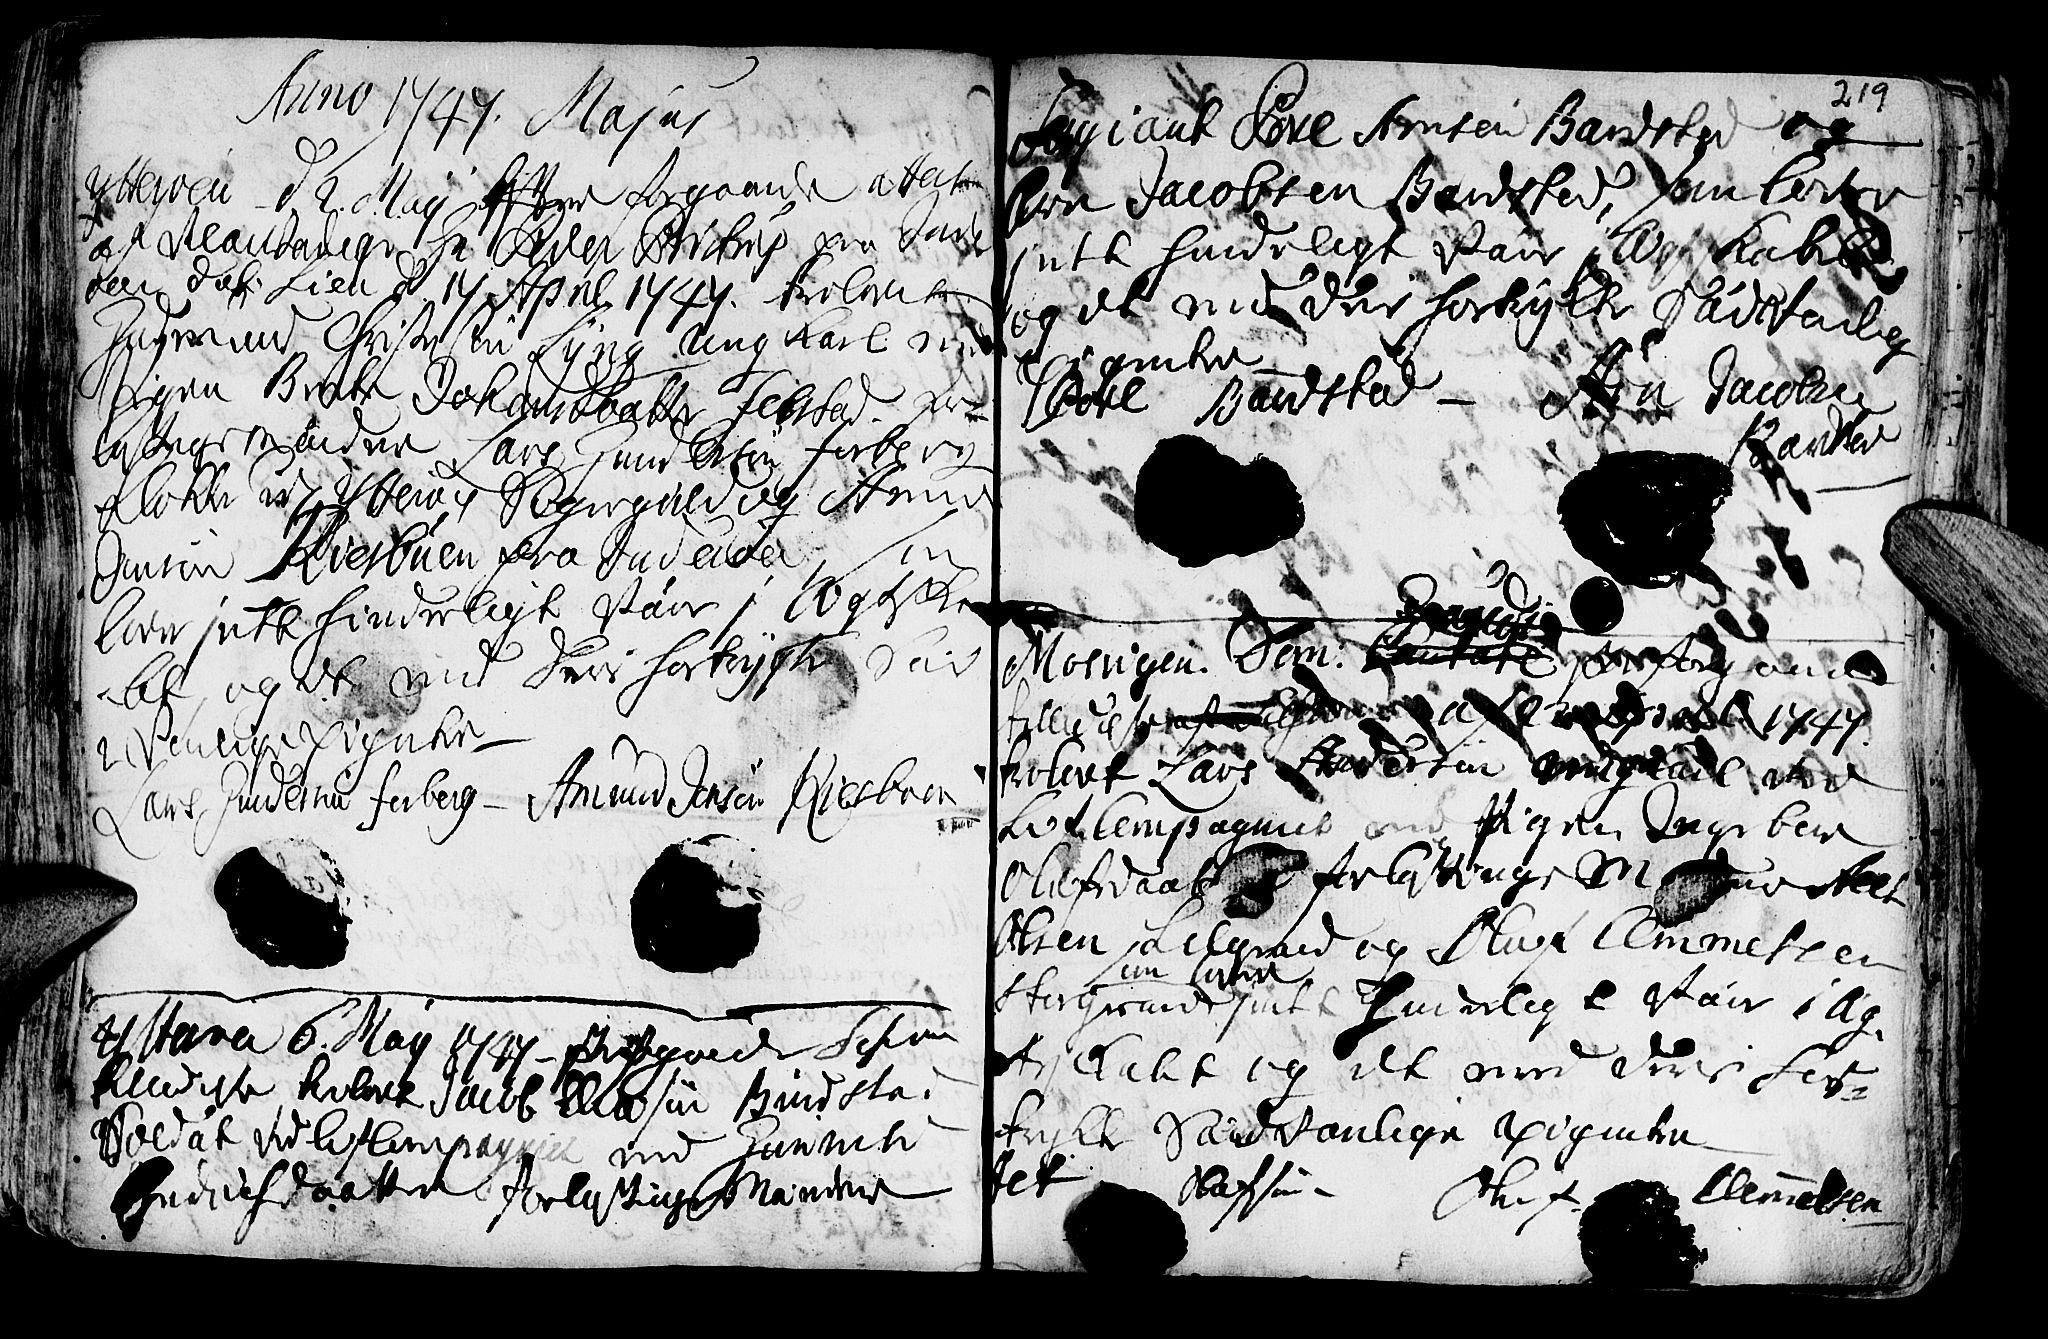 SAT, Ministerialprotokoller, klokkerbøker og fødselsregistre - Nord-Trøndelag, 722/L0215: Ministerialbok nr. 722A02, 1718-1755, s. 219